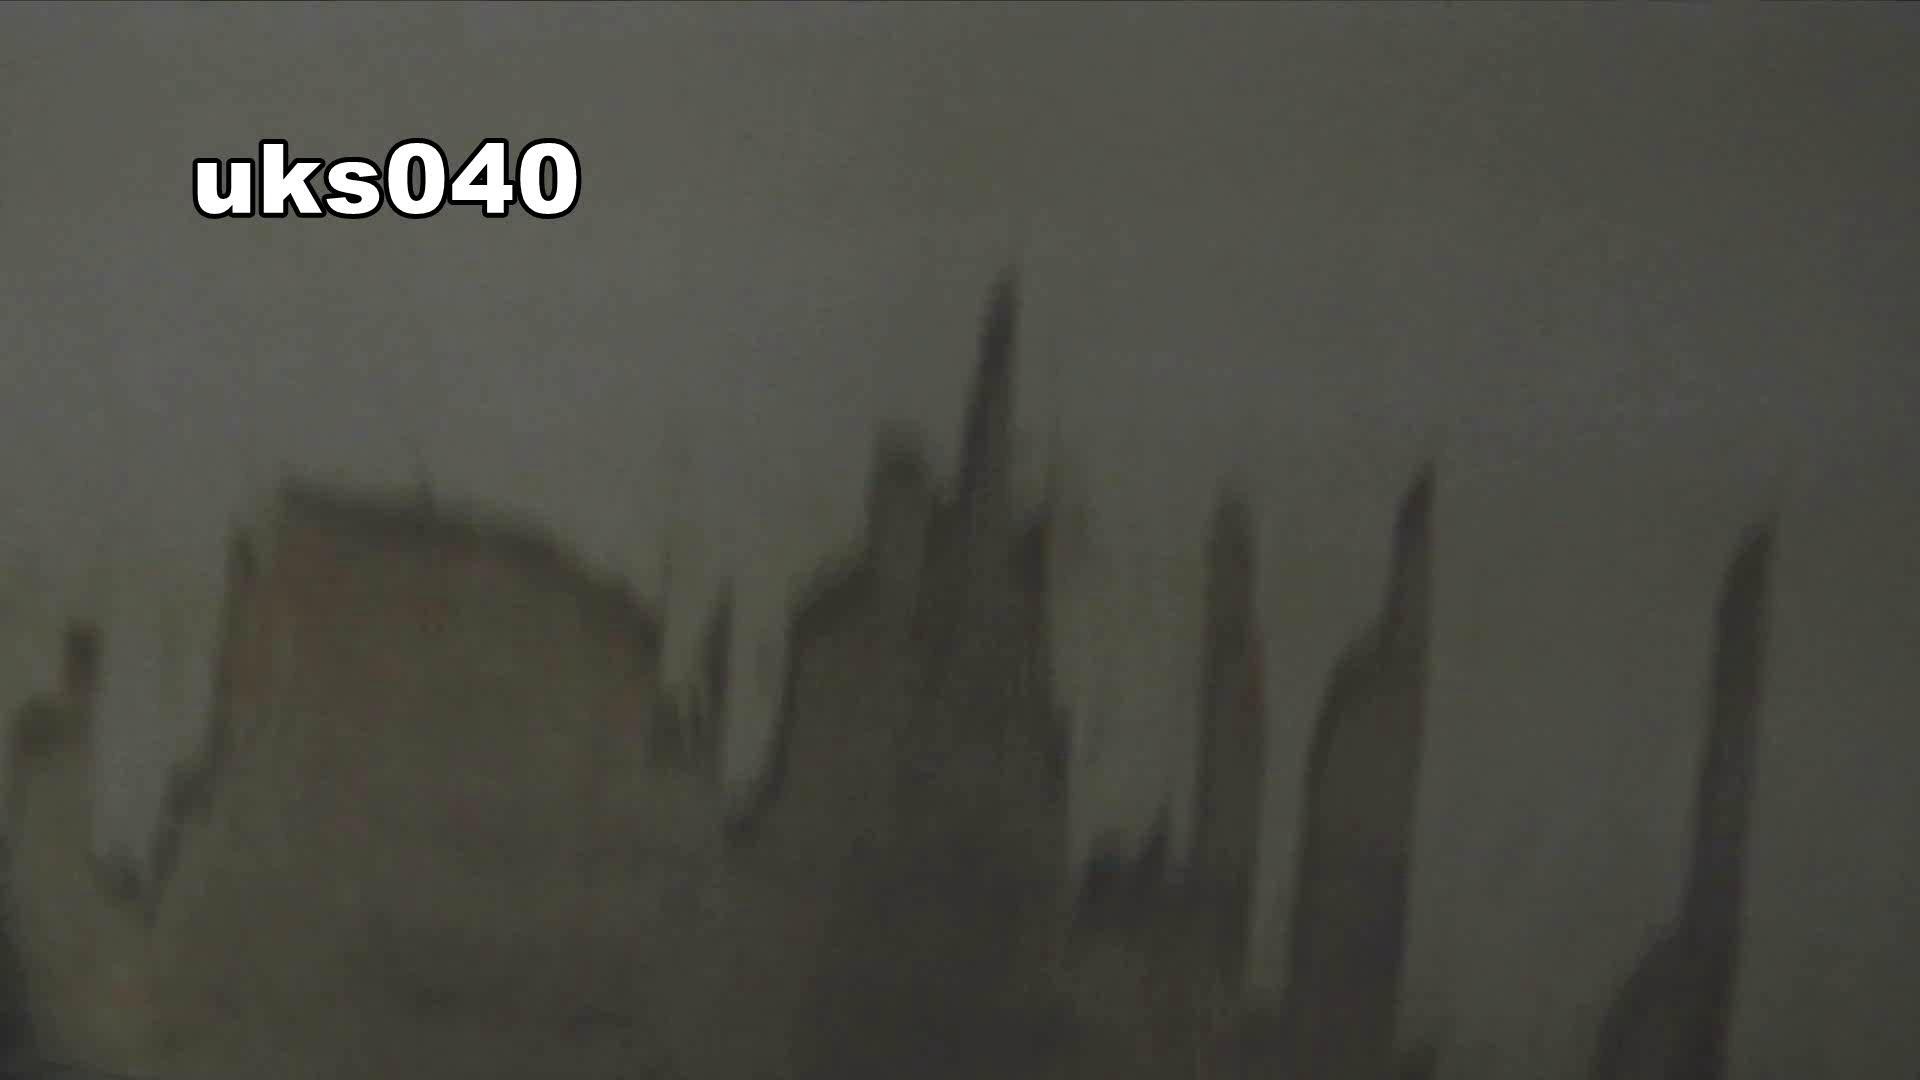 【美しき個室な世界】 vol.040 出て行かれる時の清楚姿撮り 高画質  88PIX 70